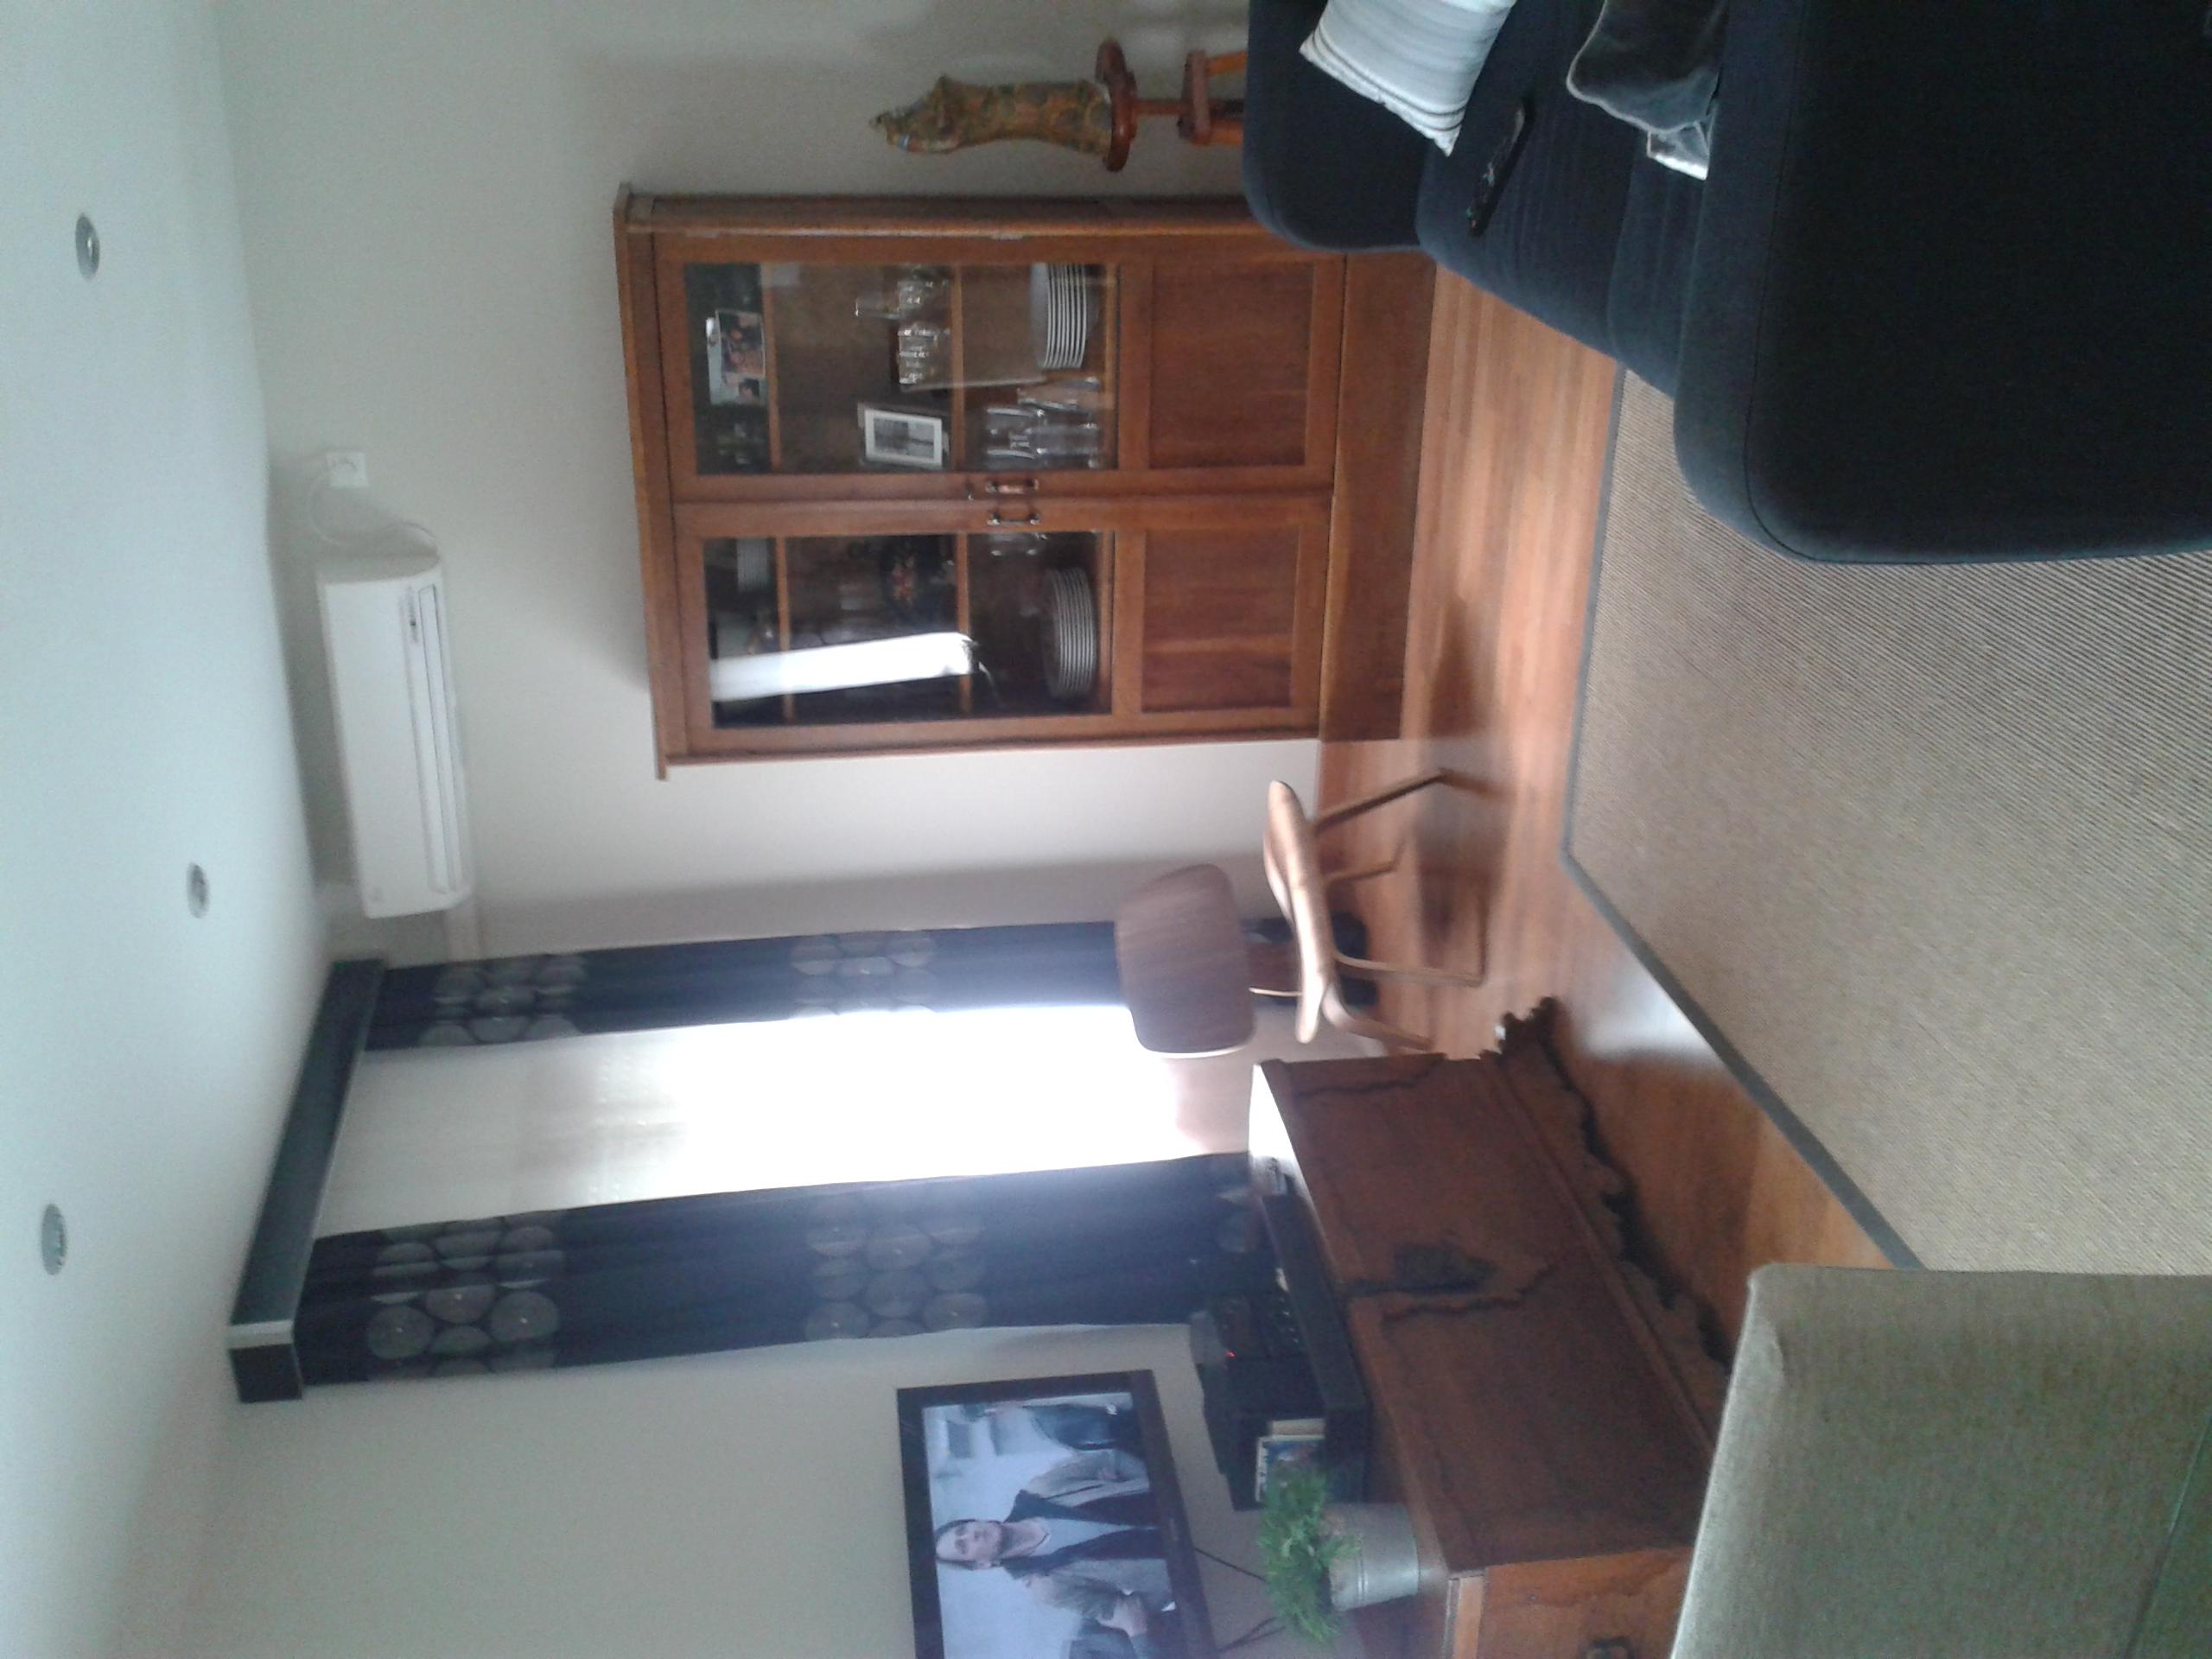 Image Spacious apartment in Montoro (Cordoba) 1